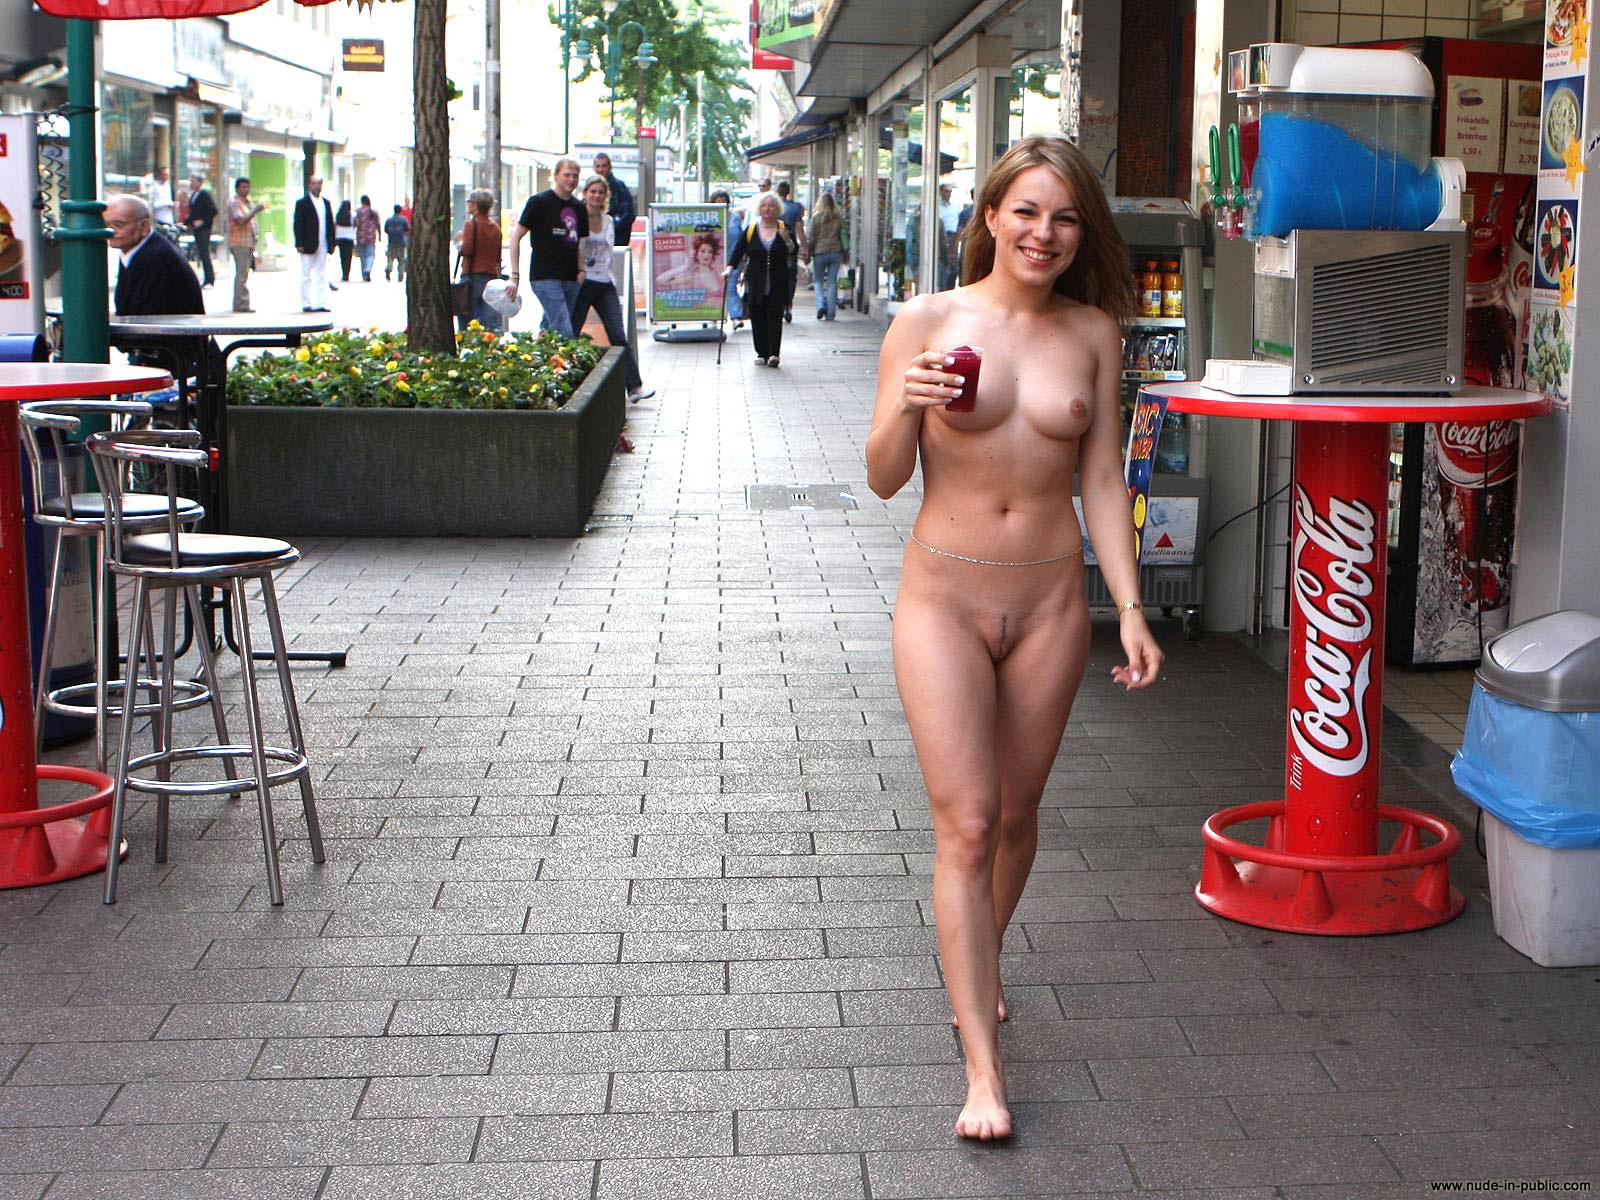 Nude Man With A Big Semi Hard Cock